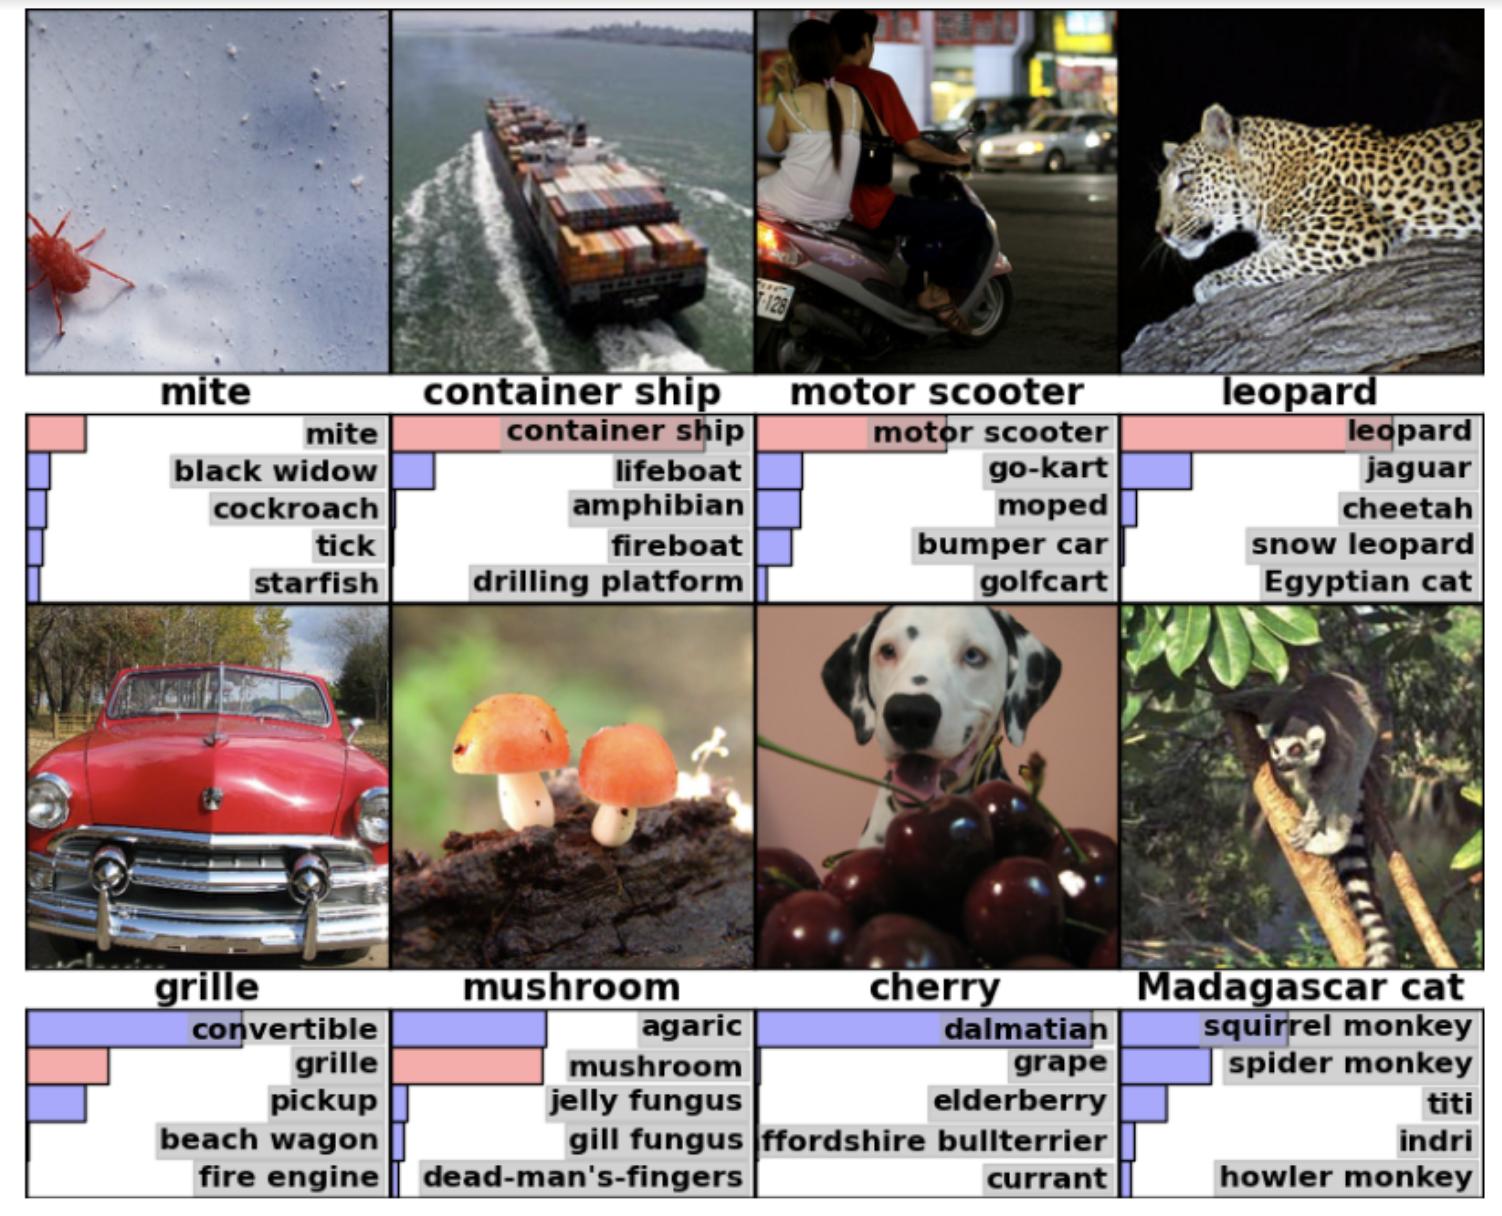 Classification d'images de ImageNet par le modèle AlexNet [4].